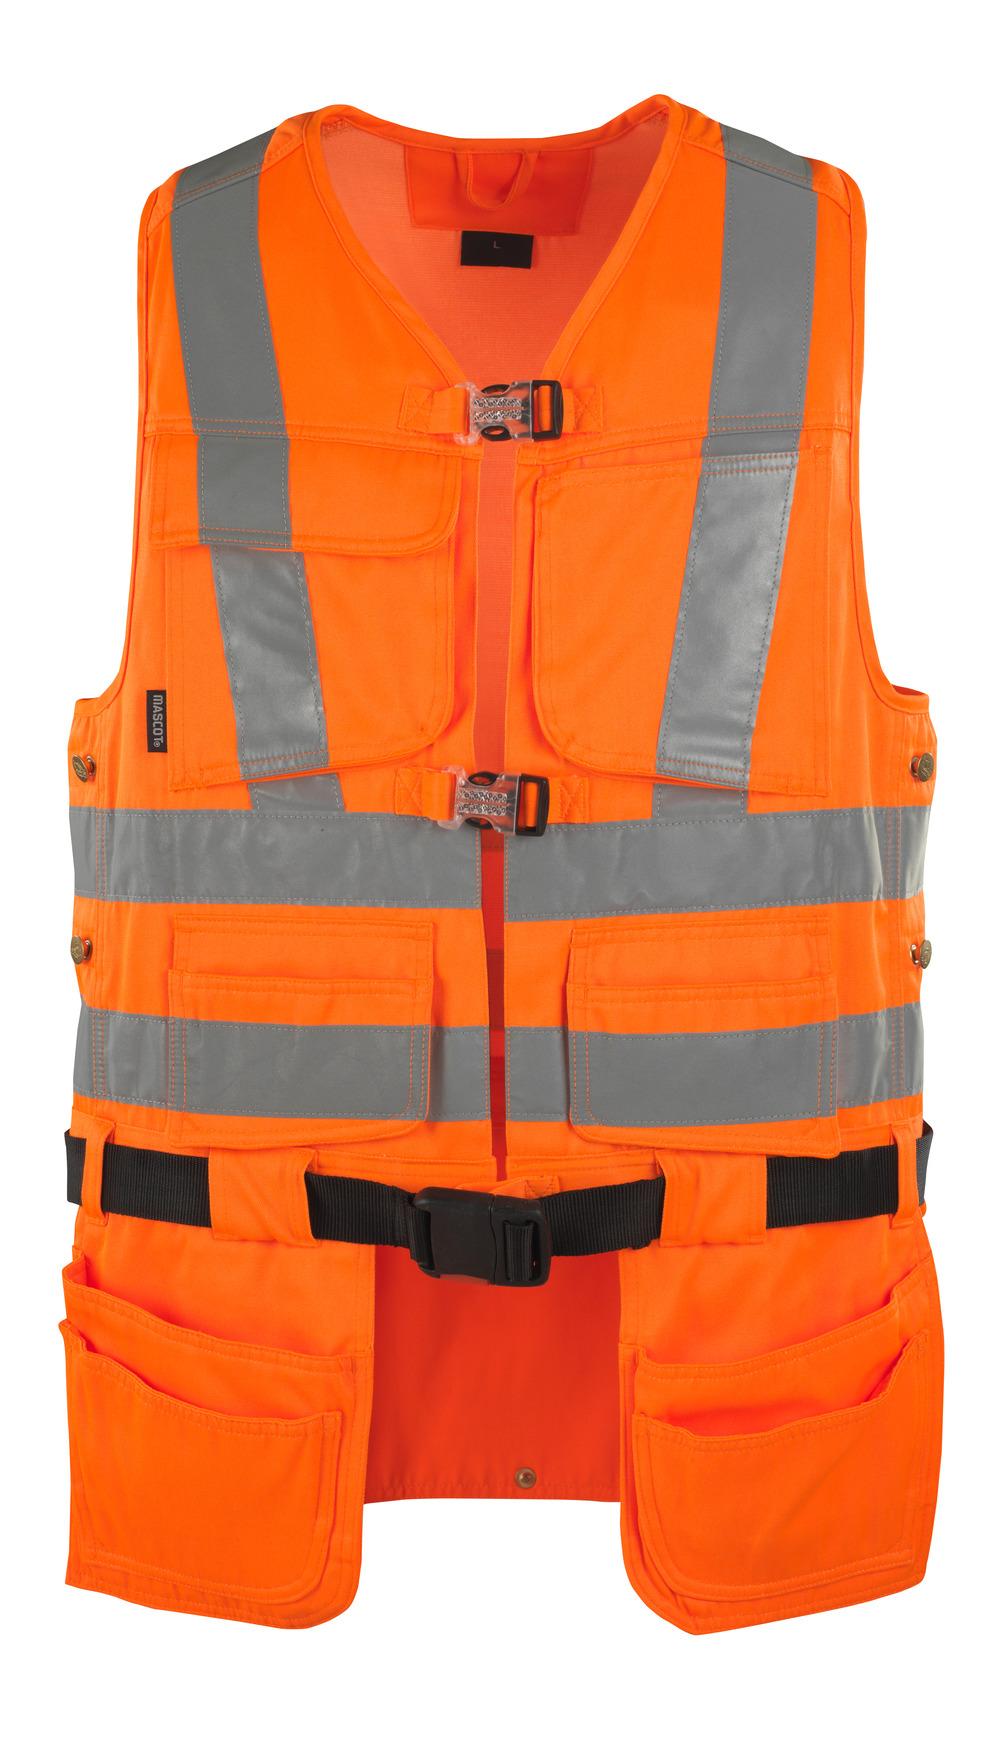 08089-860-14 Chaleco para herramientas - naranja de alta vis.